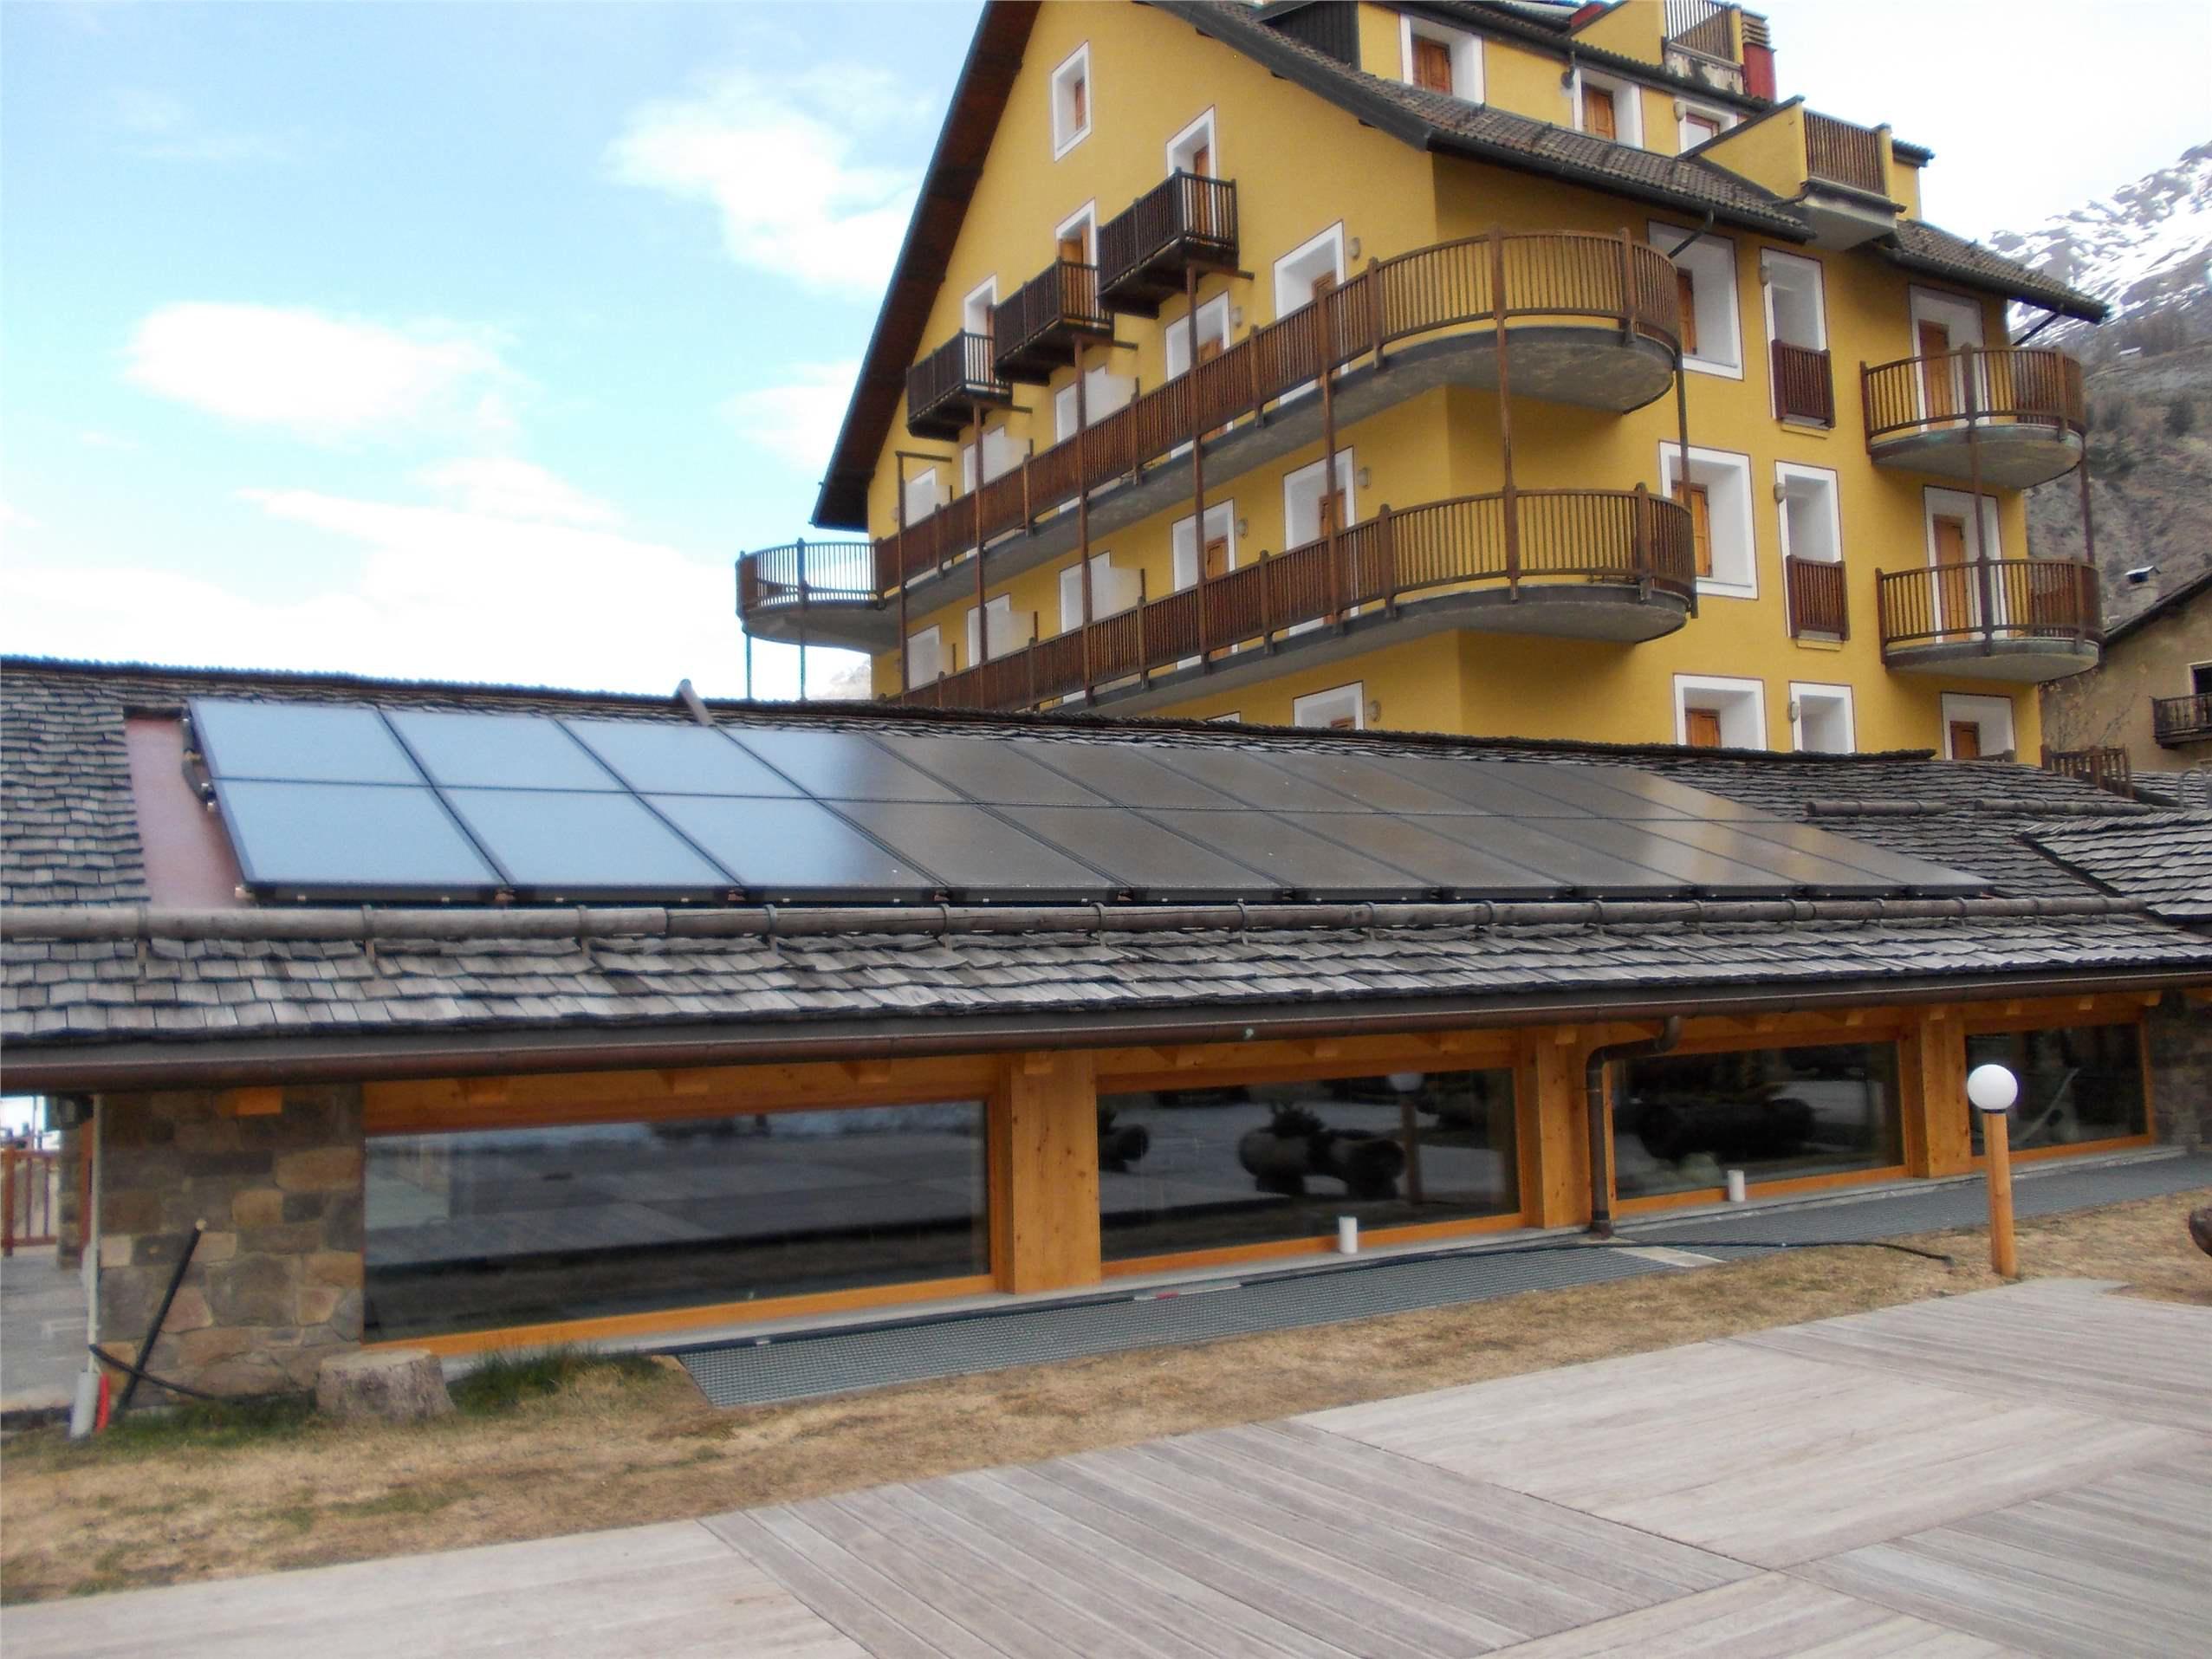 Caldaia a cippato e solare termico per il comfort in hotel for Piani del padiglione della piscina